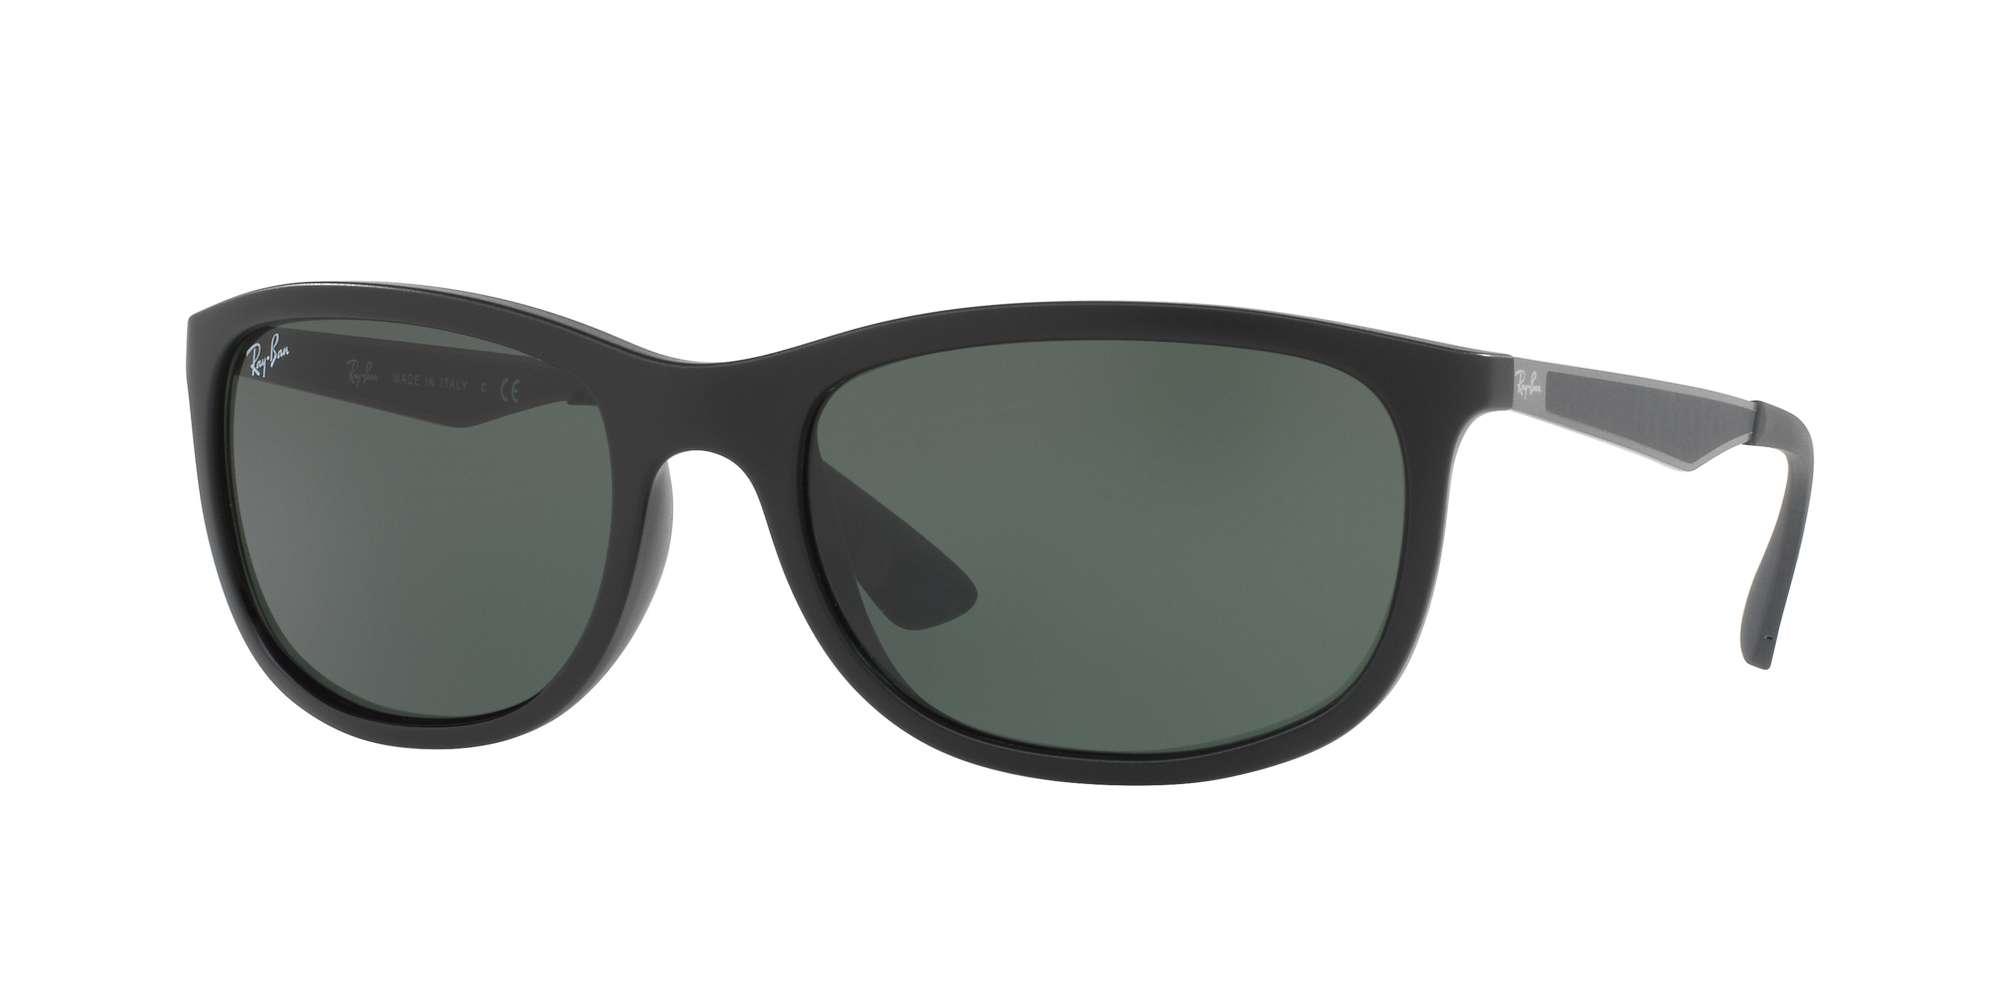 MATTE BLACK / GREEN lenses